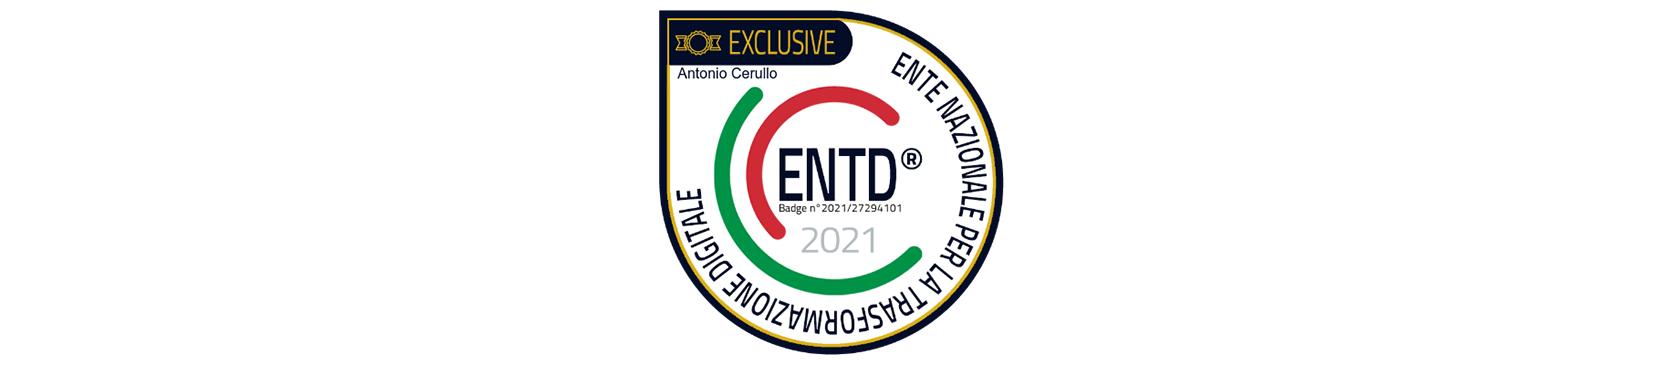 e nazionale per la trasformazione digitale - Badge ENTD Associate Exclusive Antonio Cerullo